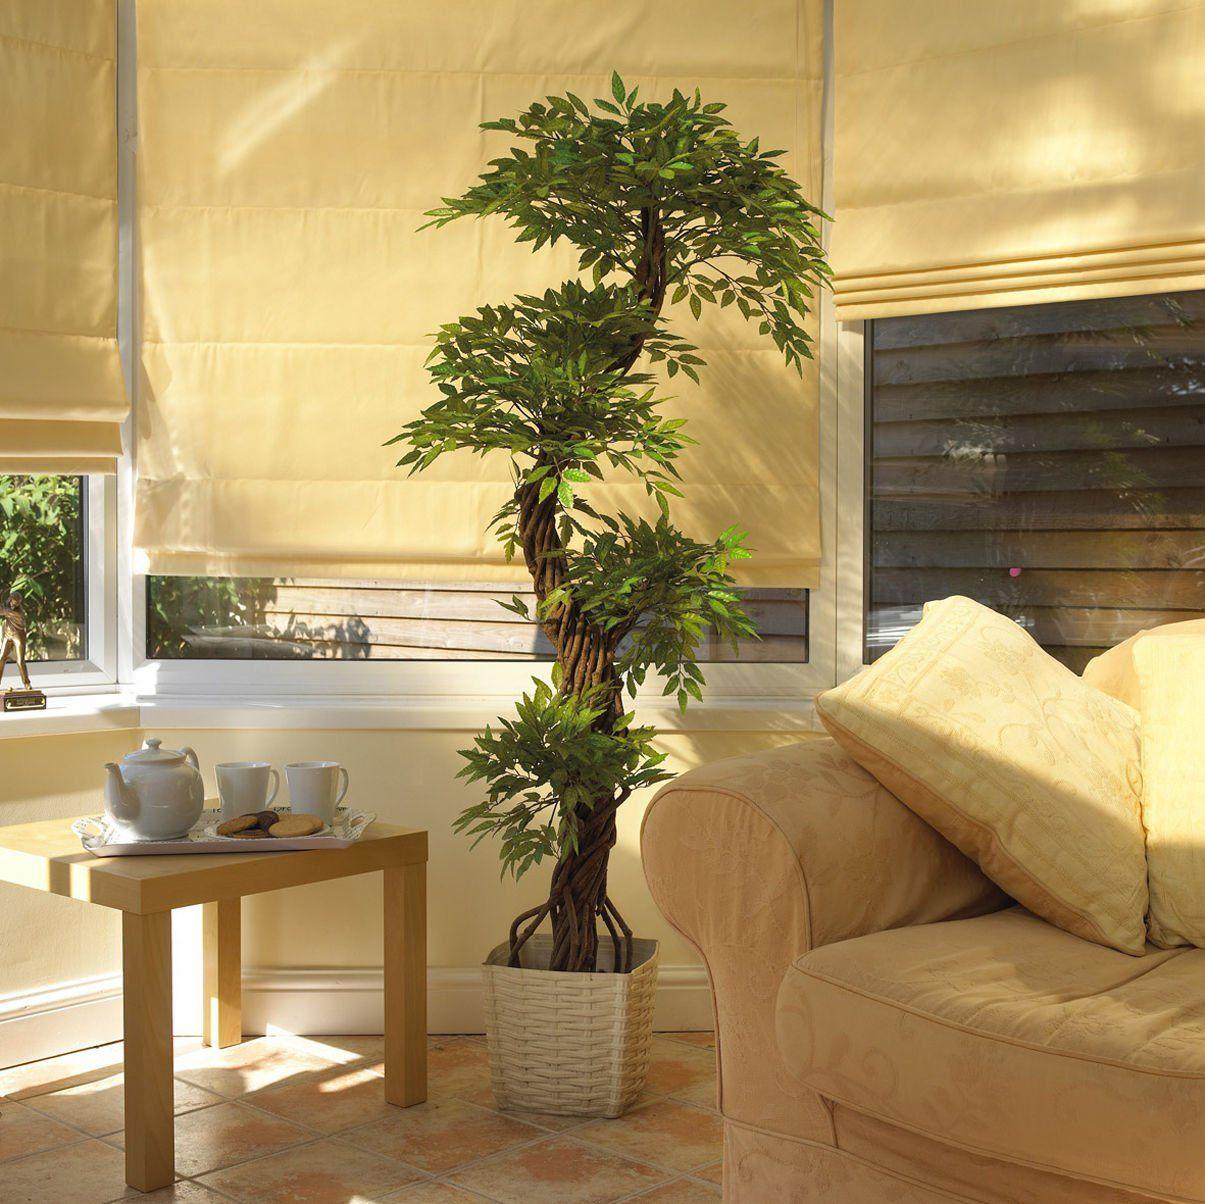 Elegante fruticosa japonesa artificial arbol lujosa for Arbol artificial decoracion